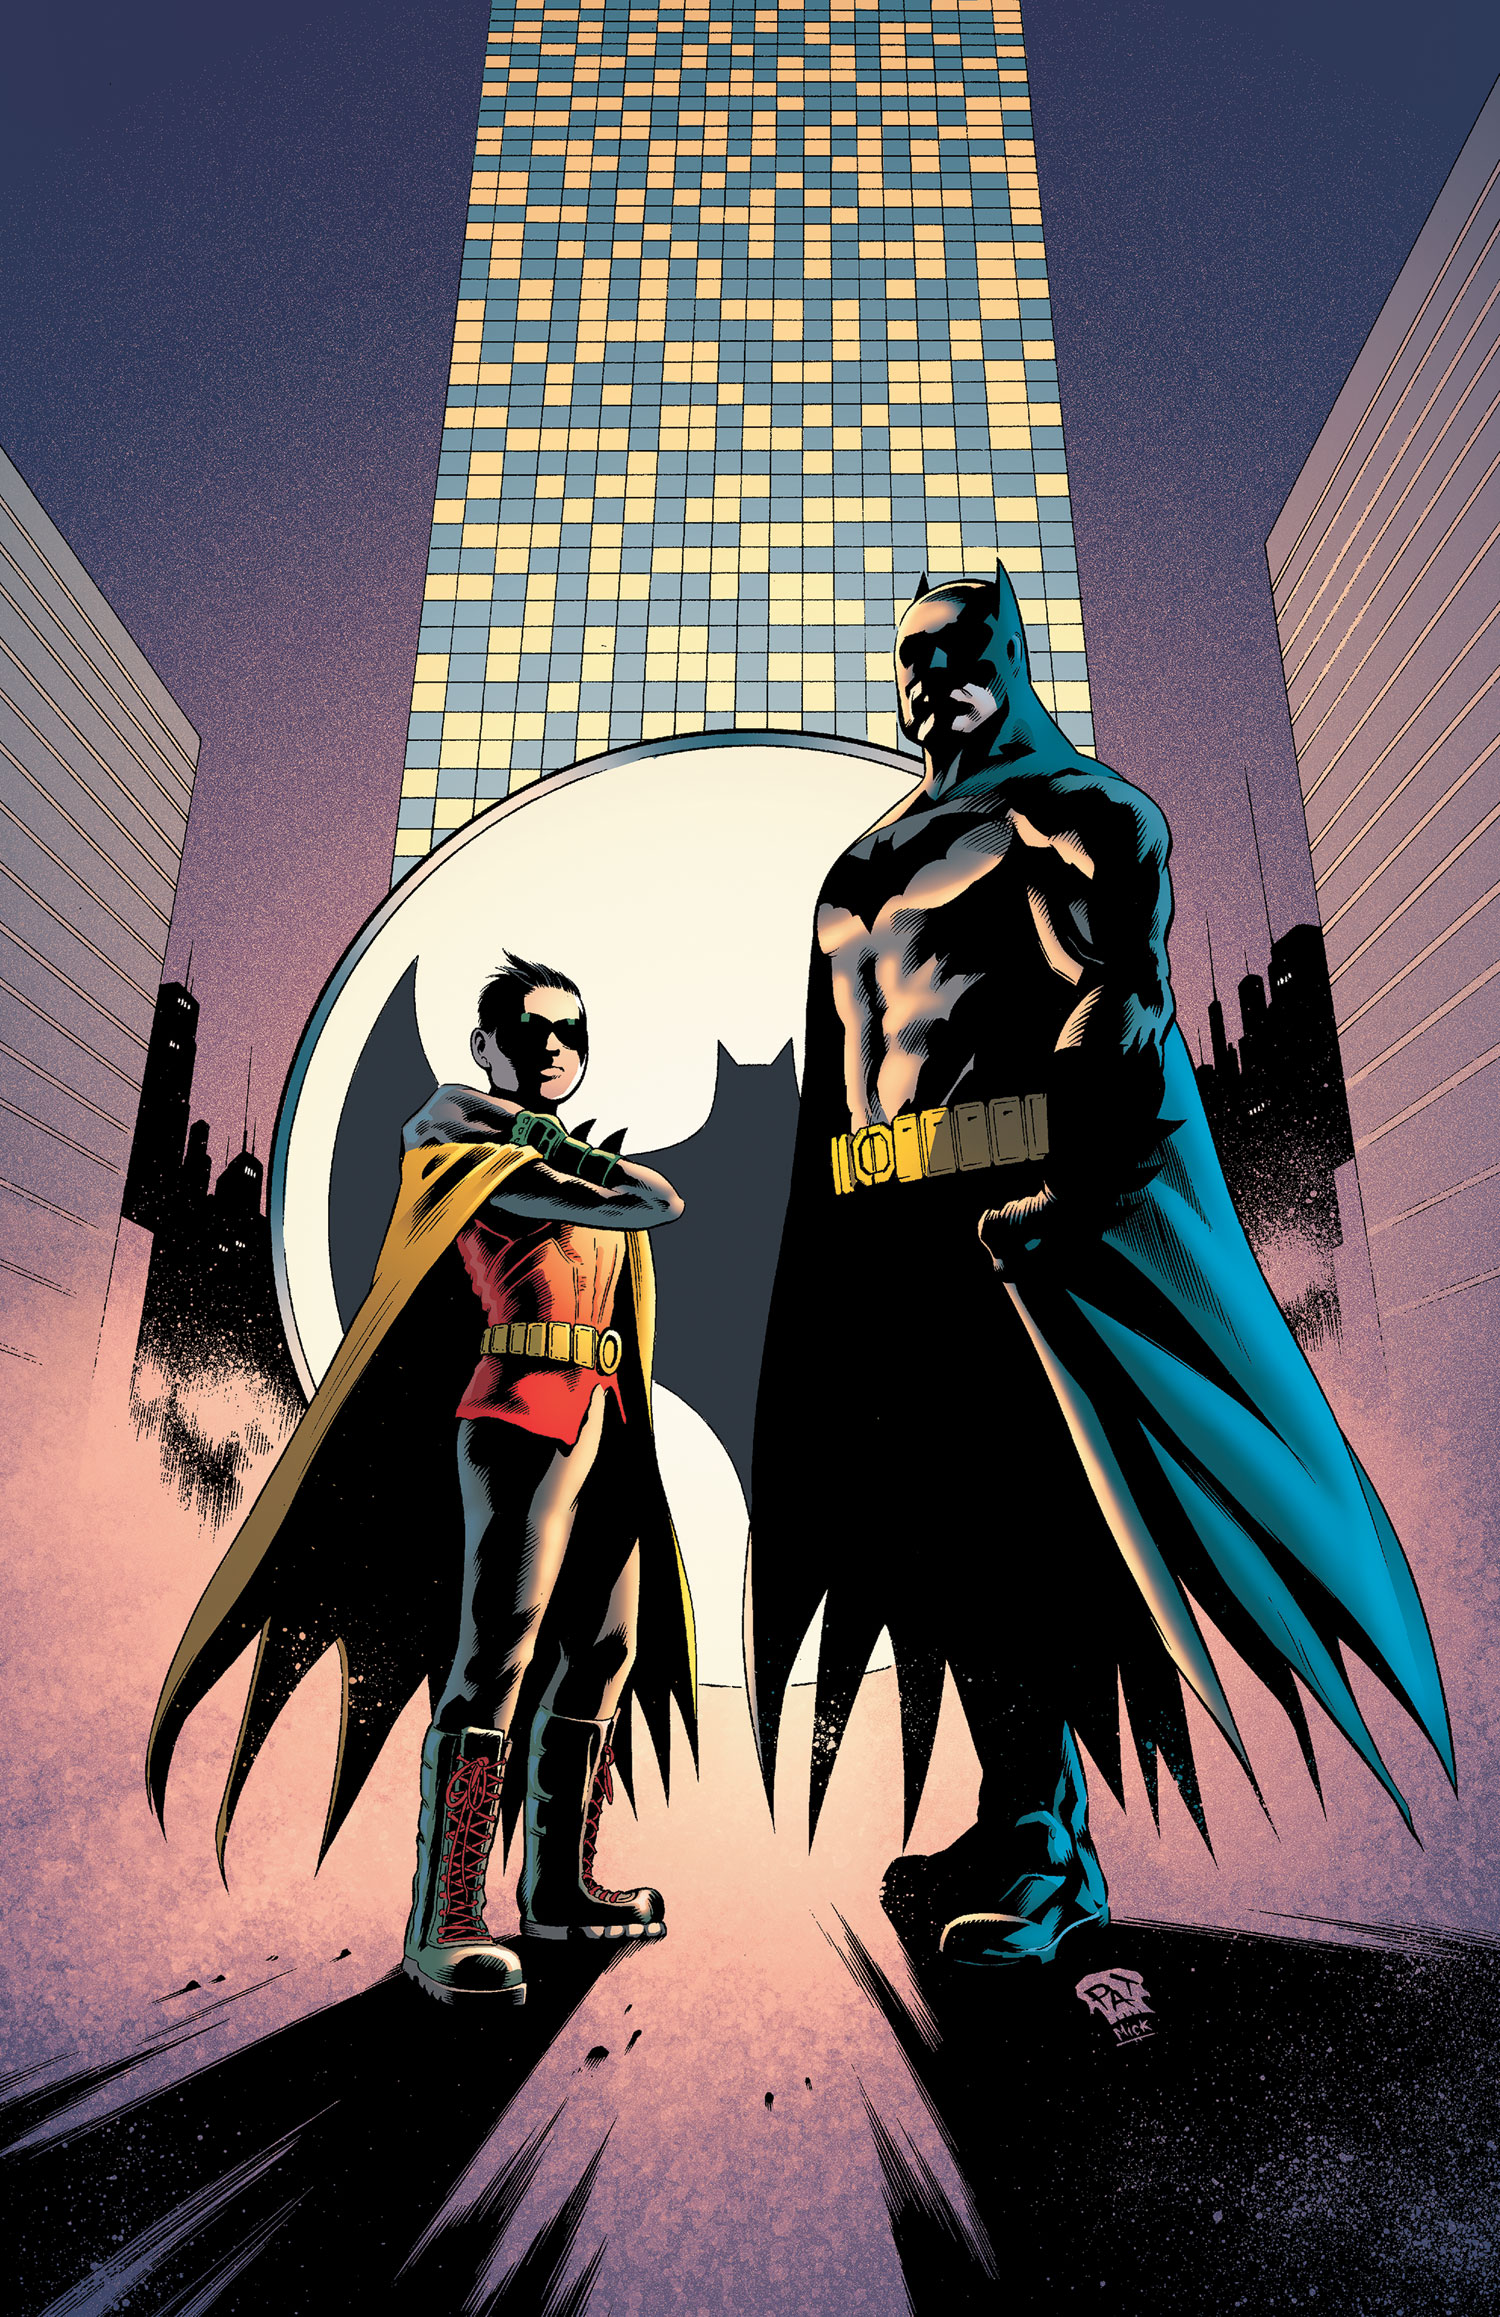 Batman and Robin Vol 2 17 - DC Comics Database